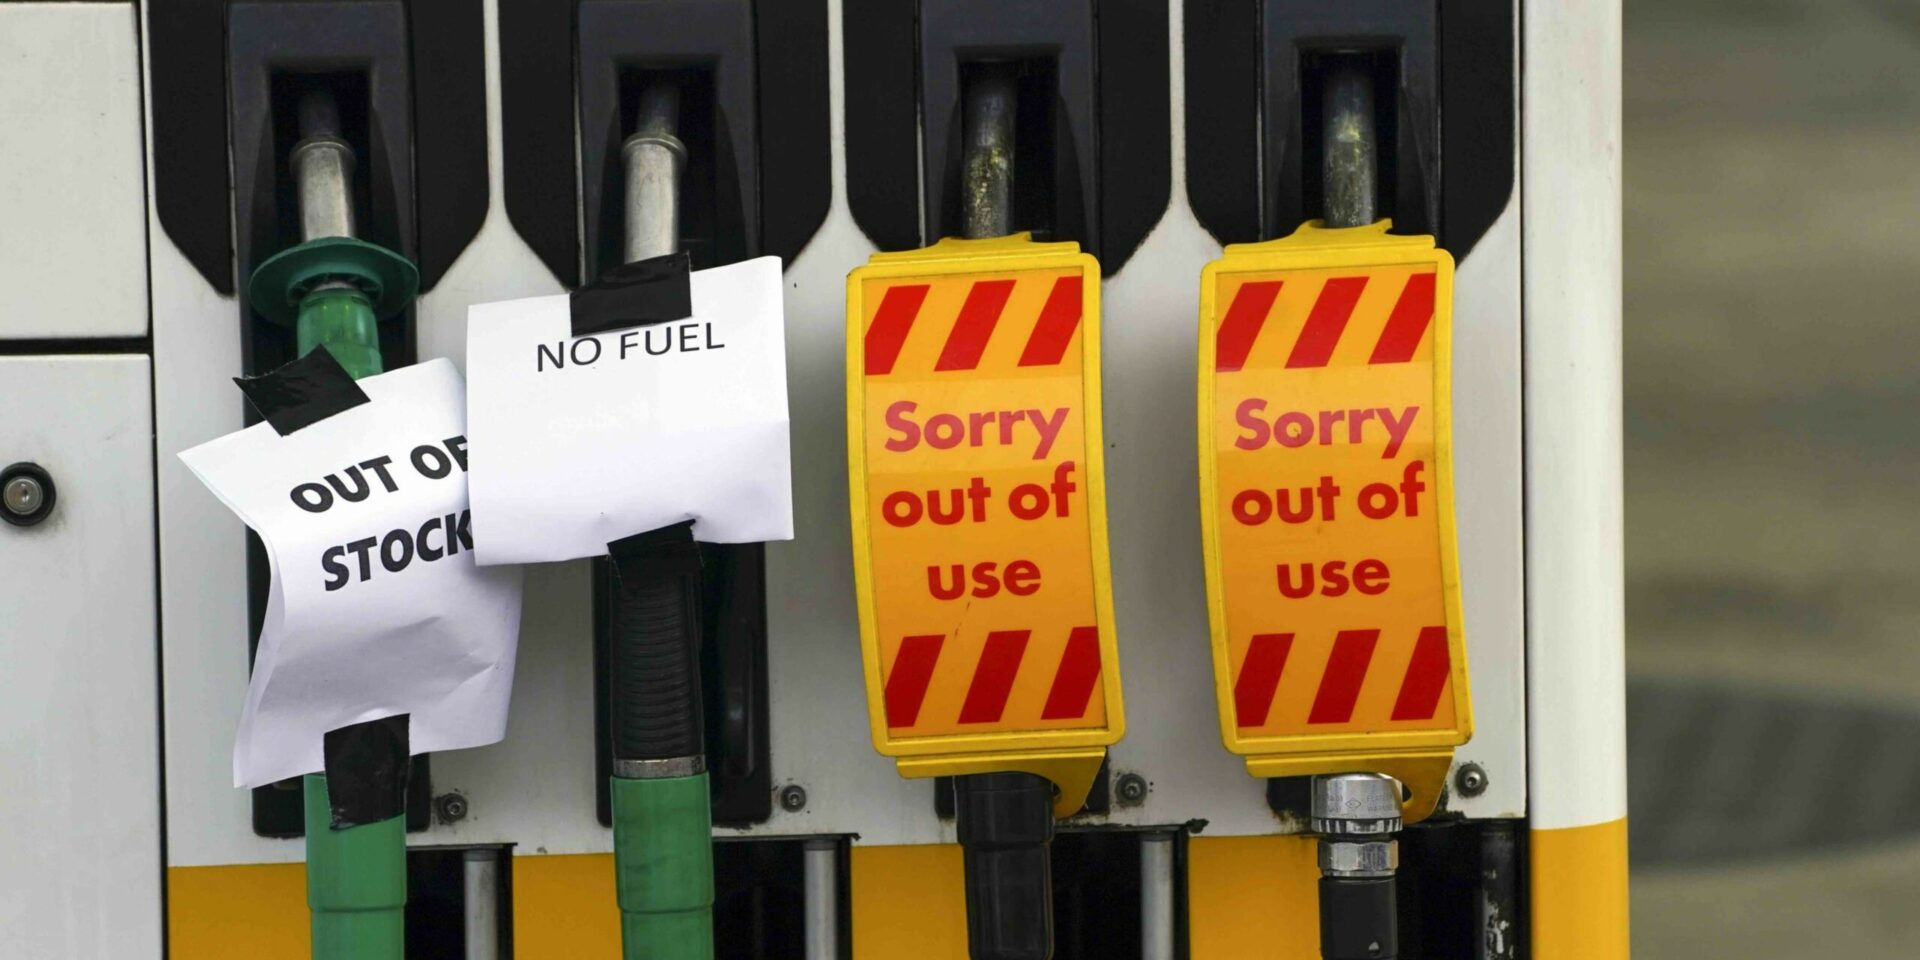 Reino Unido se queda sin combustible. Estas son las razones de la escasez